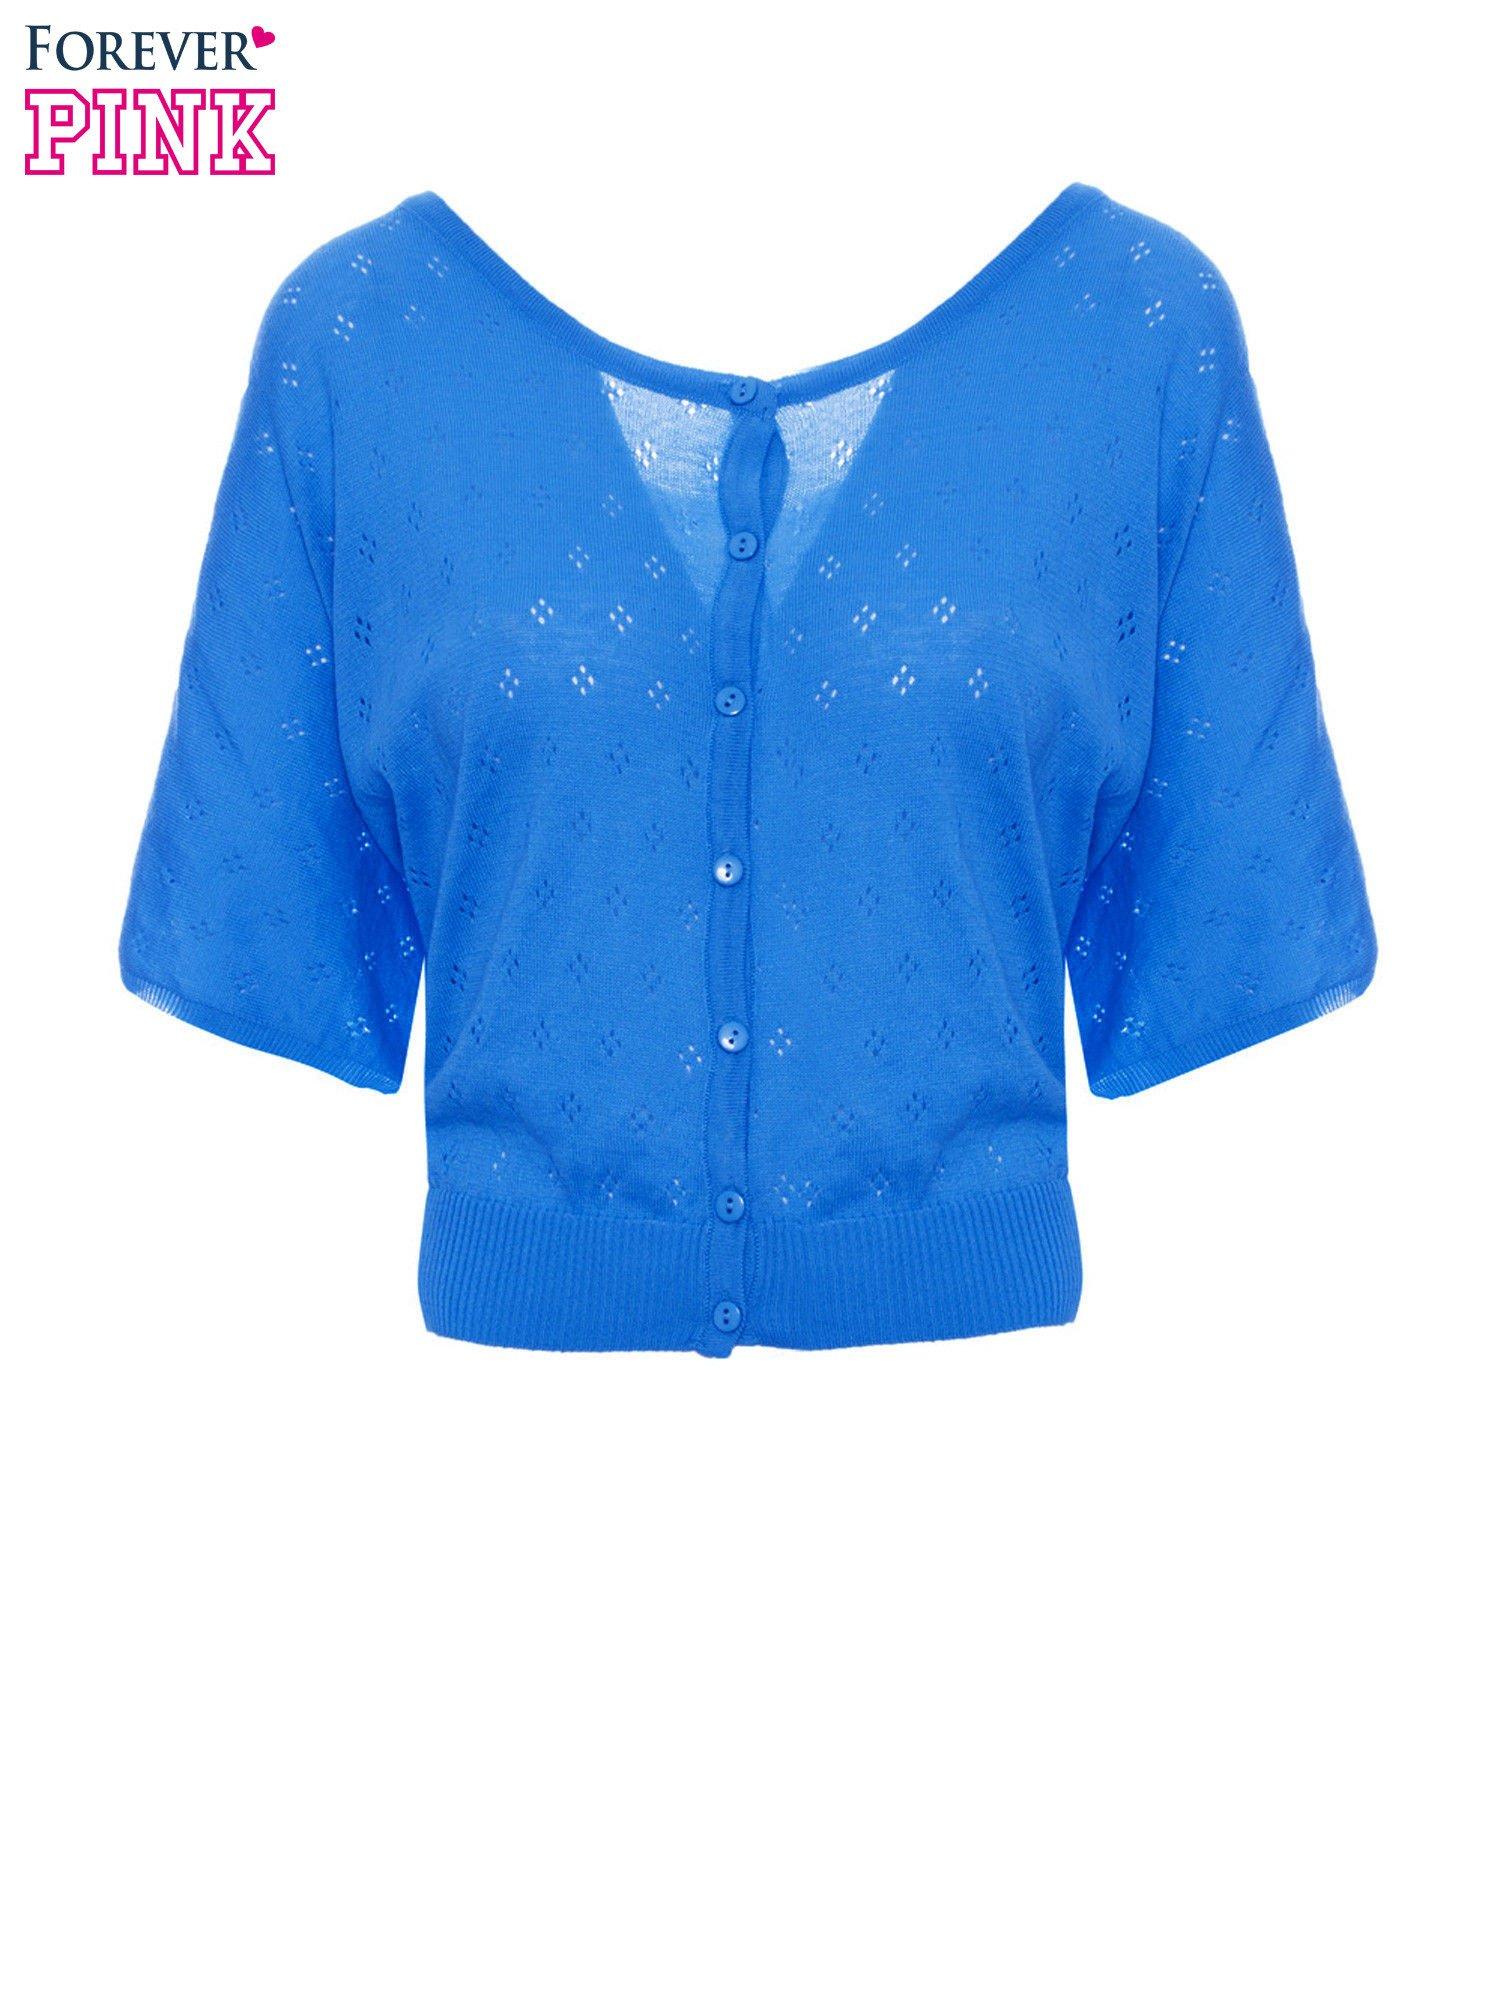 Niebieski ażurowy sweterek z krótkim rękawem                                  zdj.                                  2